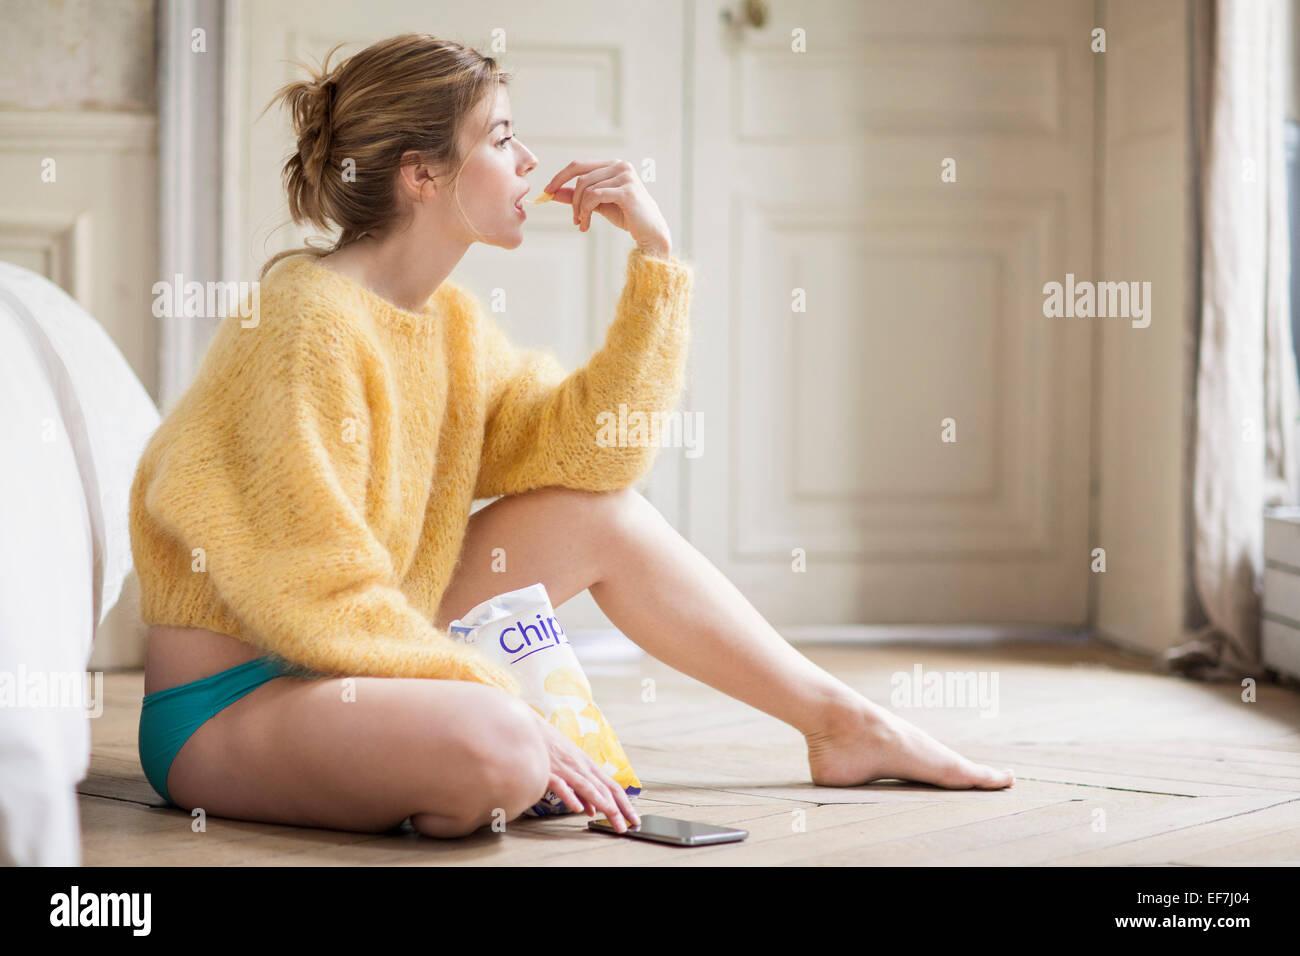 Donna che utilizza il telefono e mangiare patatine Immagini Stock